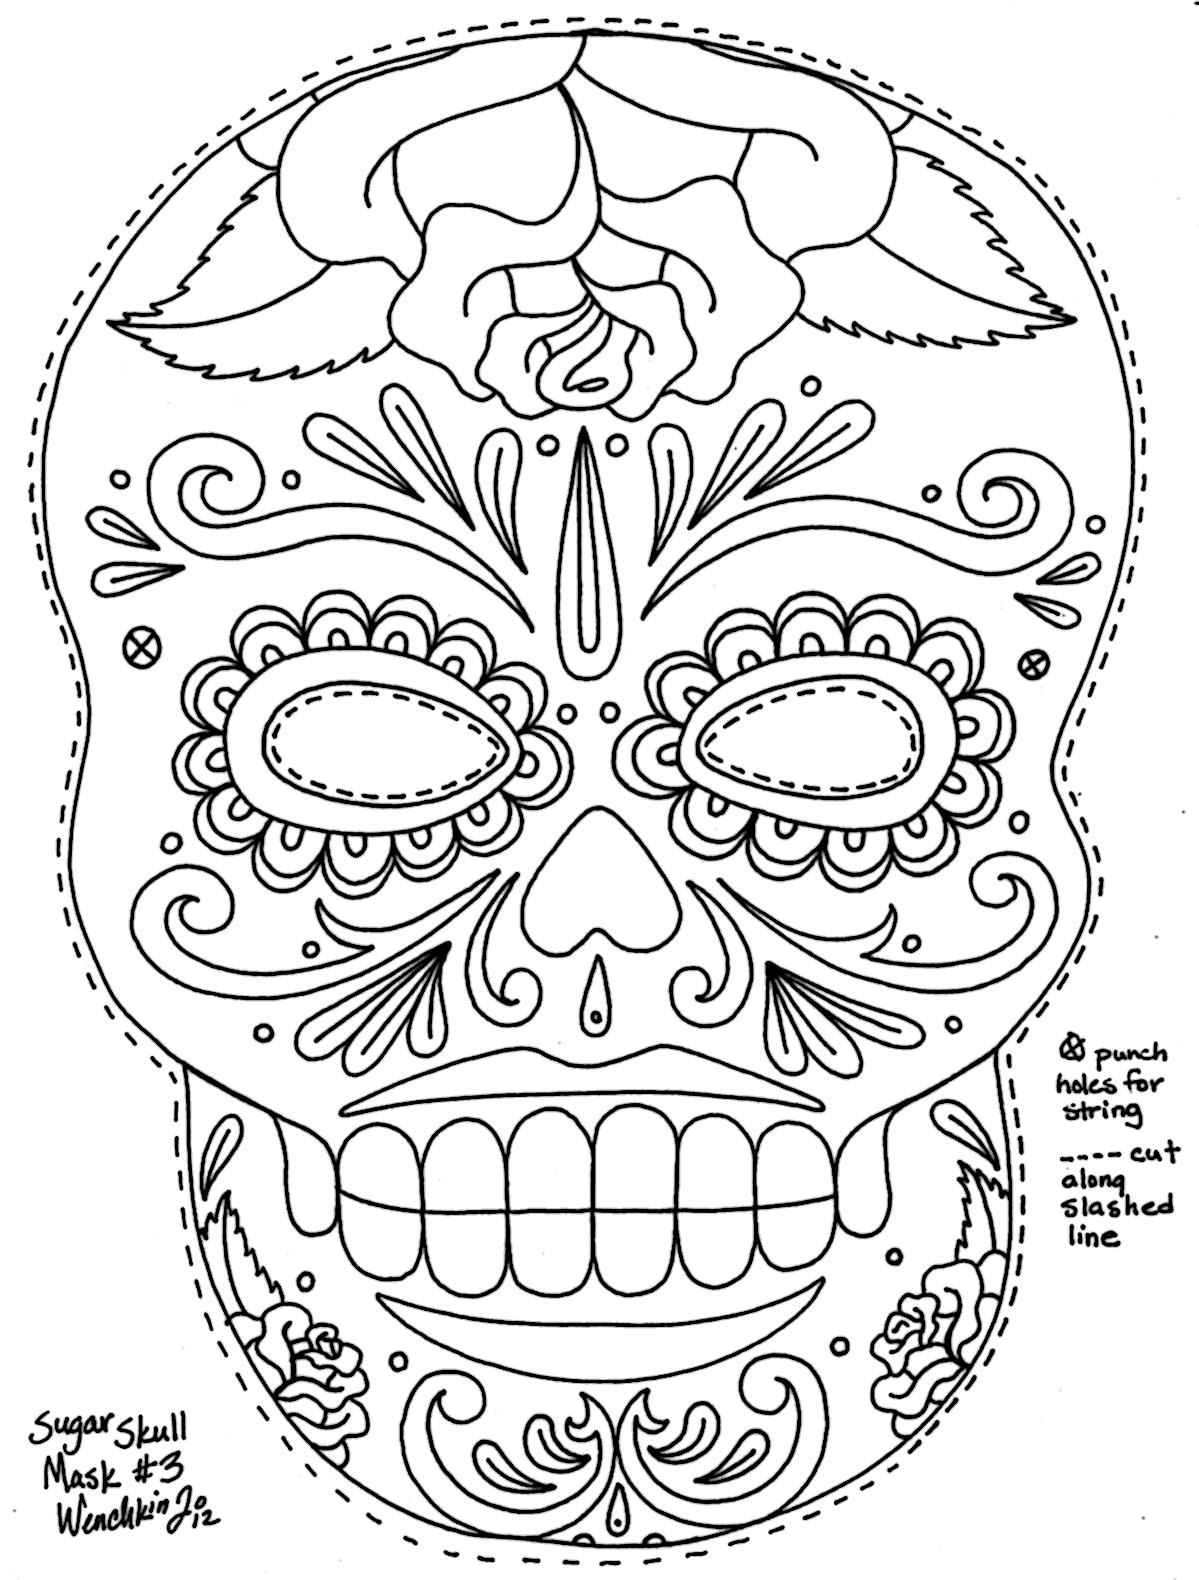 colorful sugar skull catrinas para colorear 5 catrinas10 sugar colorful skull